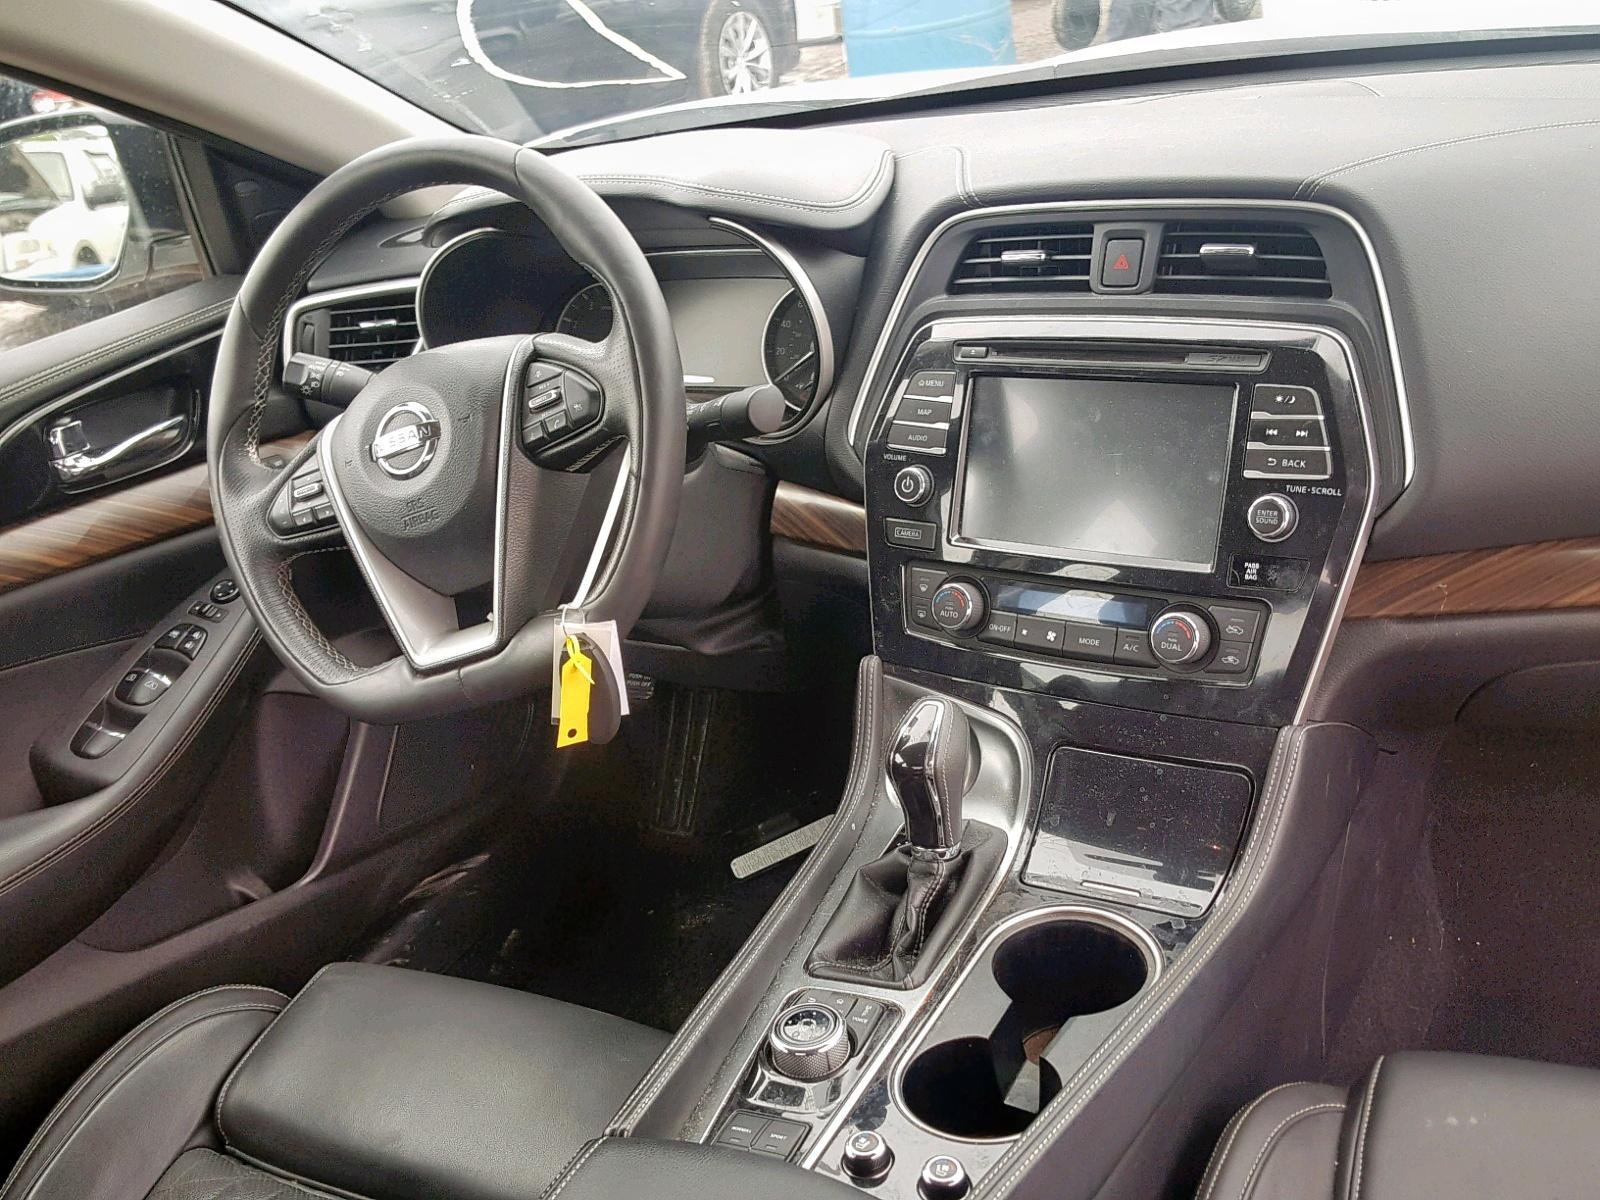 2016 Nissan Maxima 3 5 3 5L 6 in KS - Kansas City